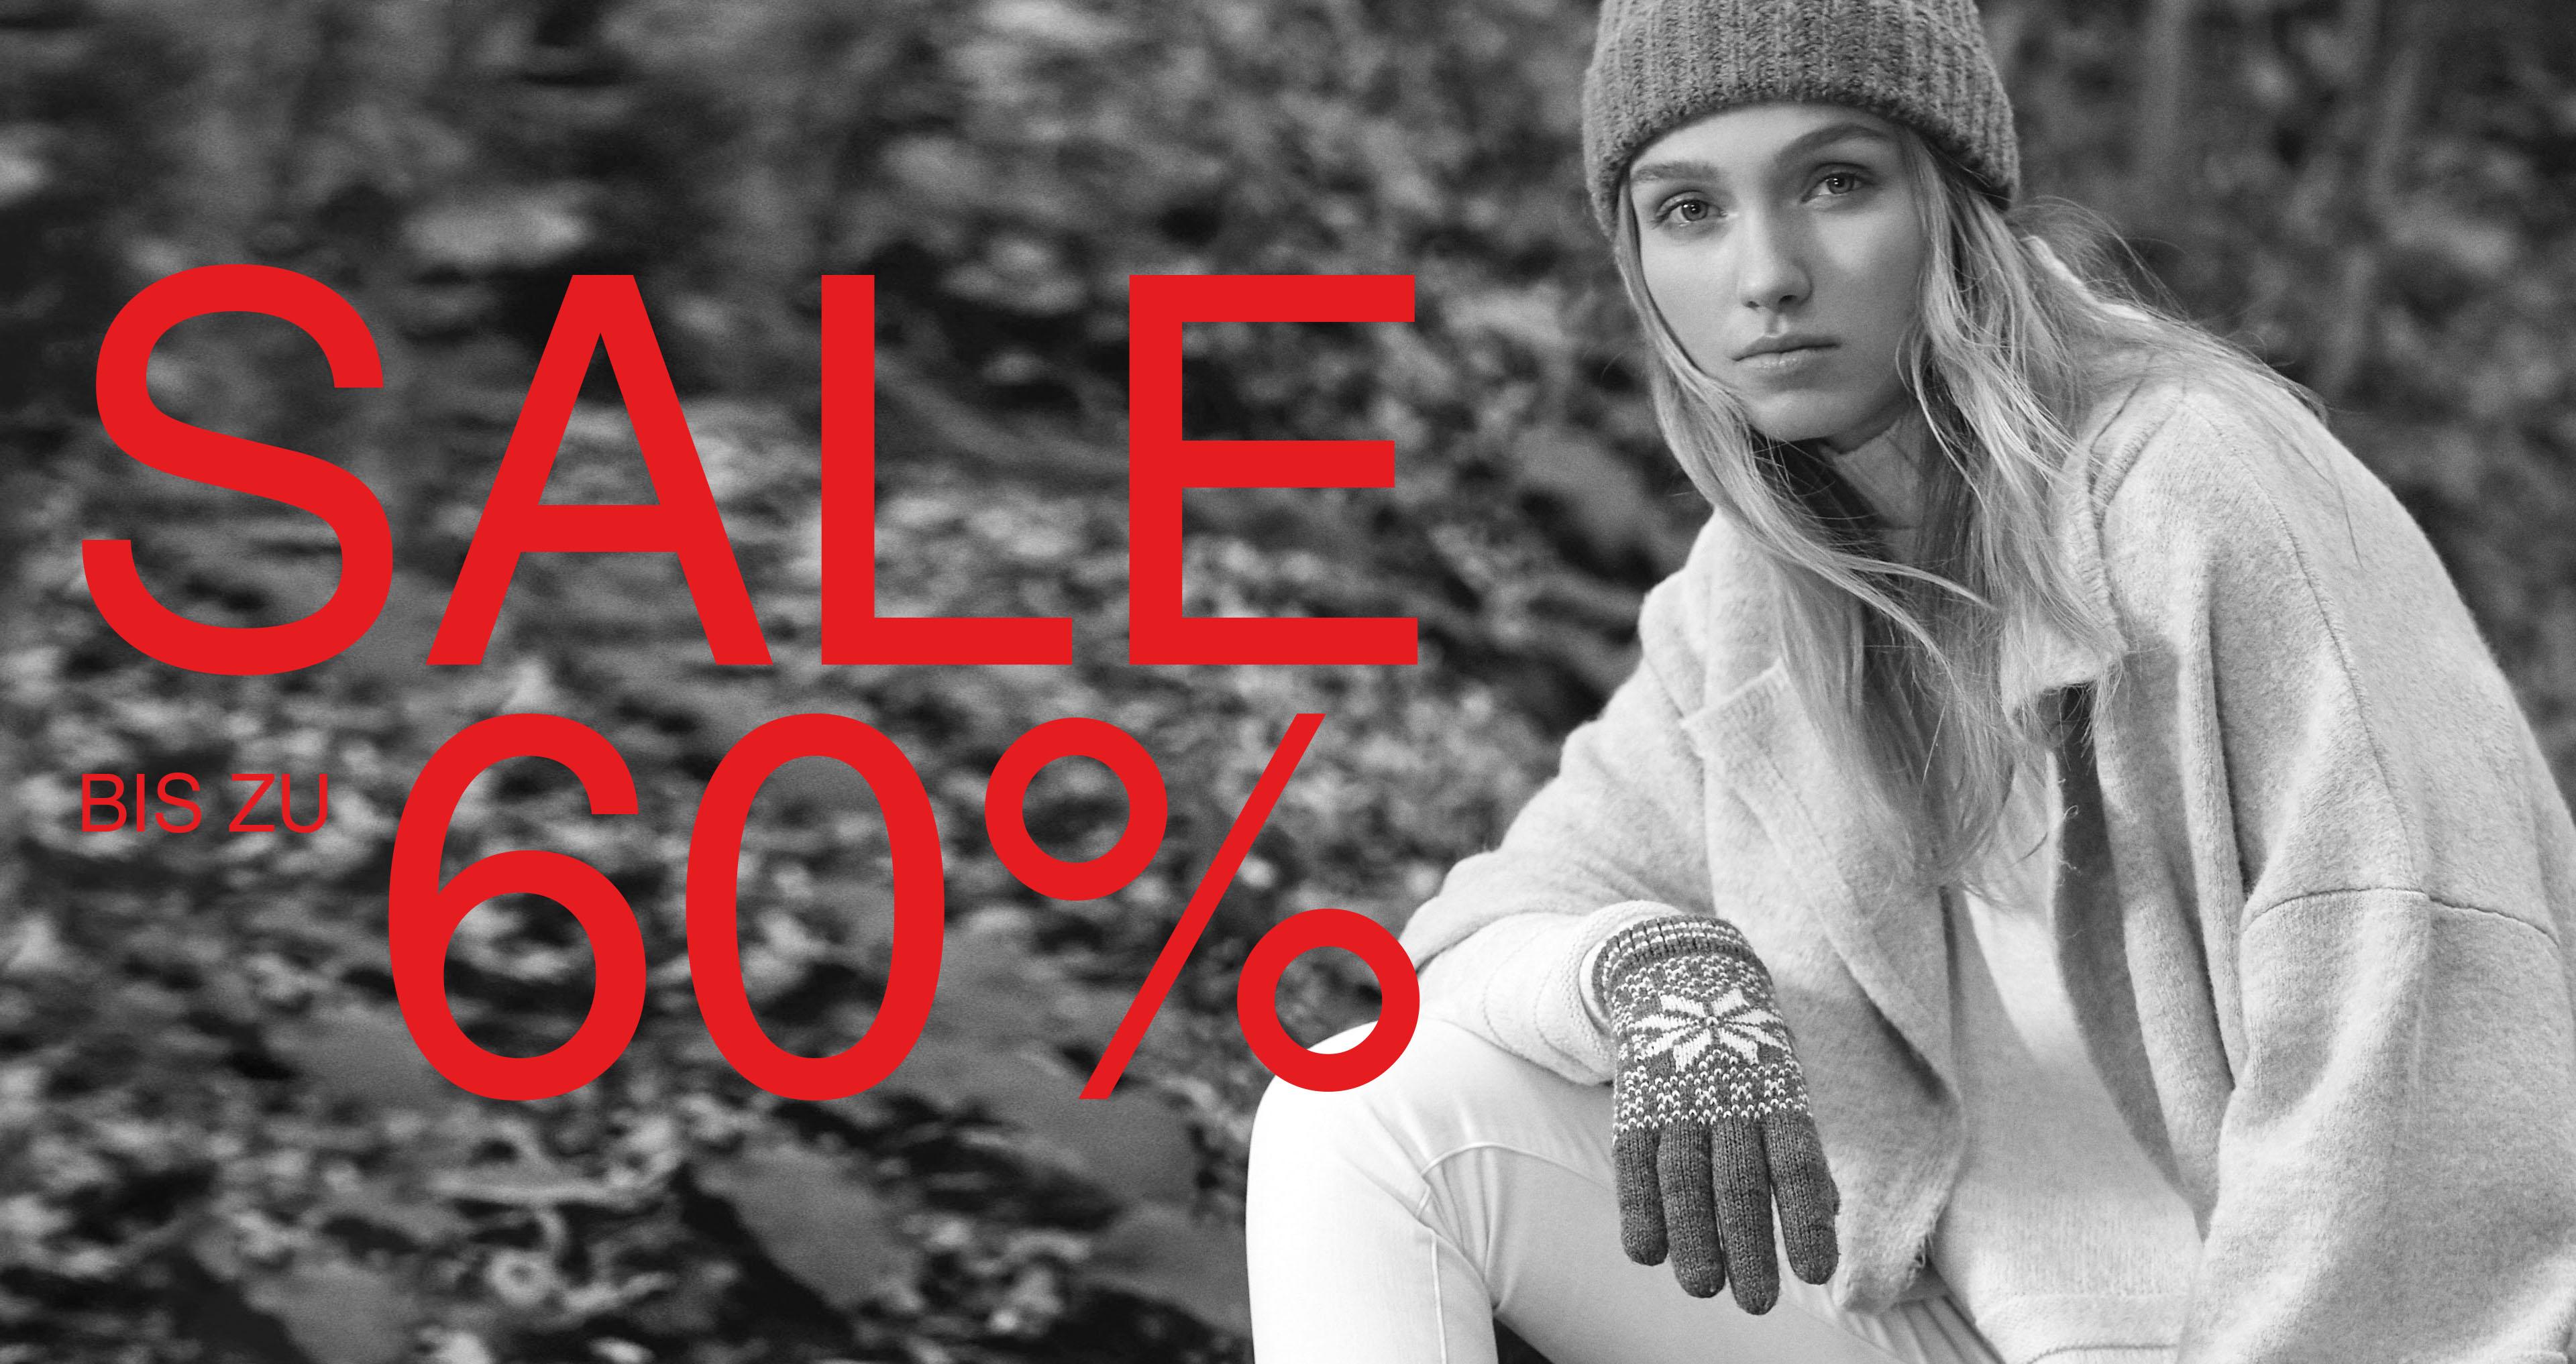 Bis zu 60 Prozent Sale bei mavi